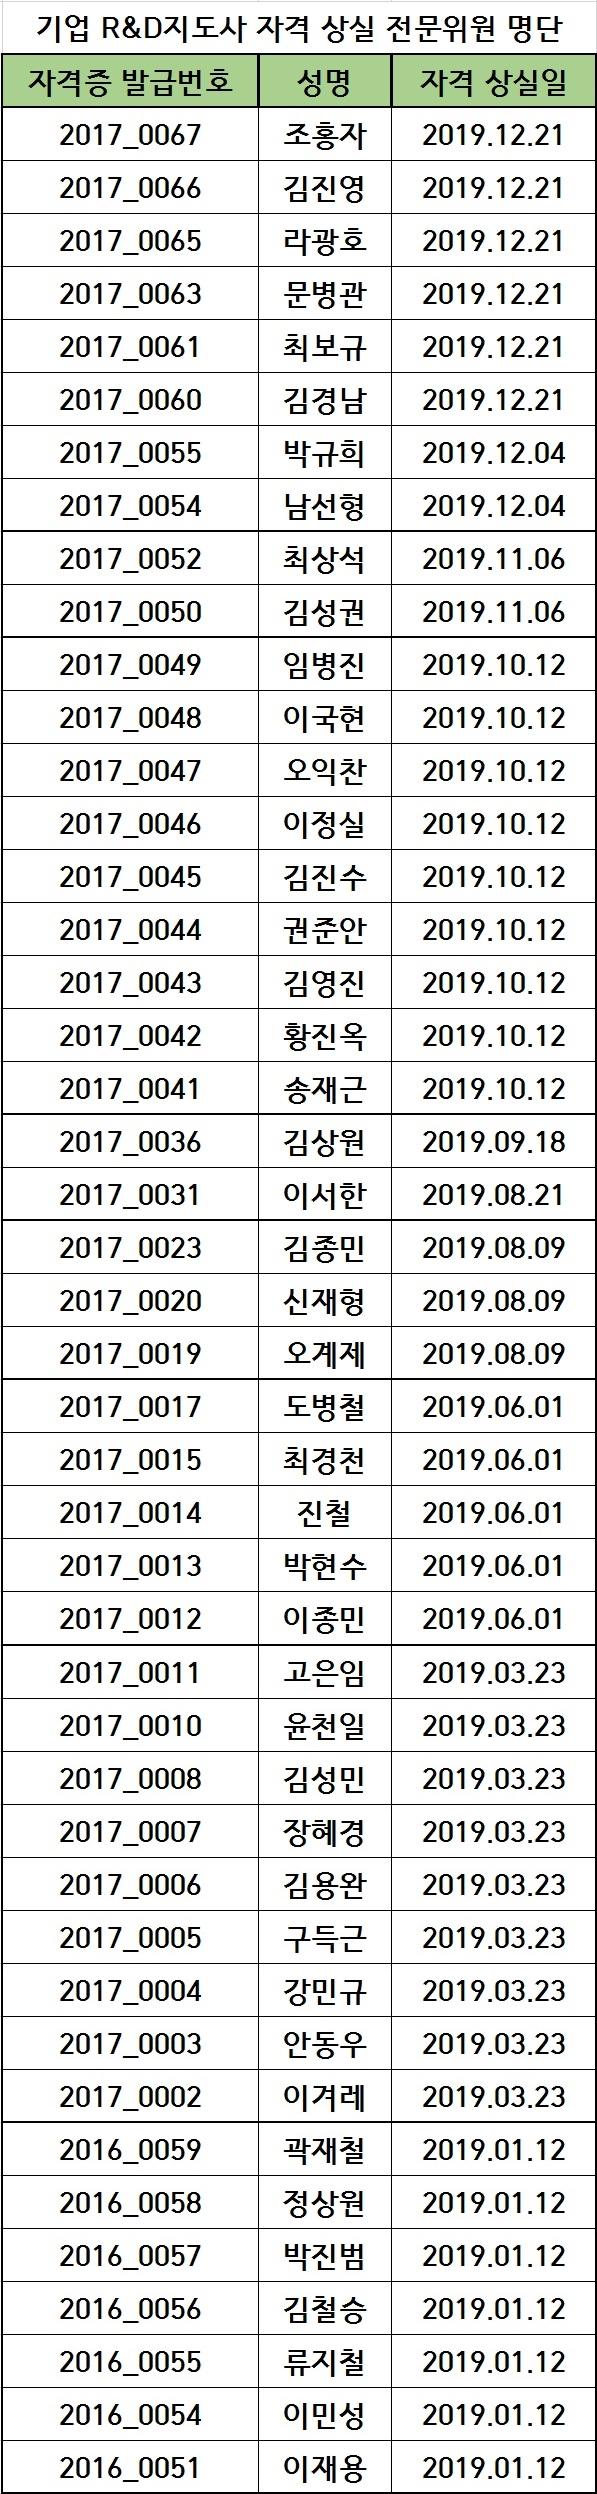 2019년도 기업 R&D지도사 자격 상실 전문위원 명단(20.04.22)